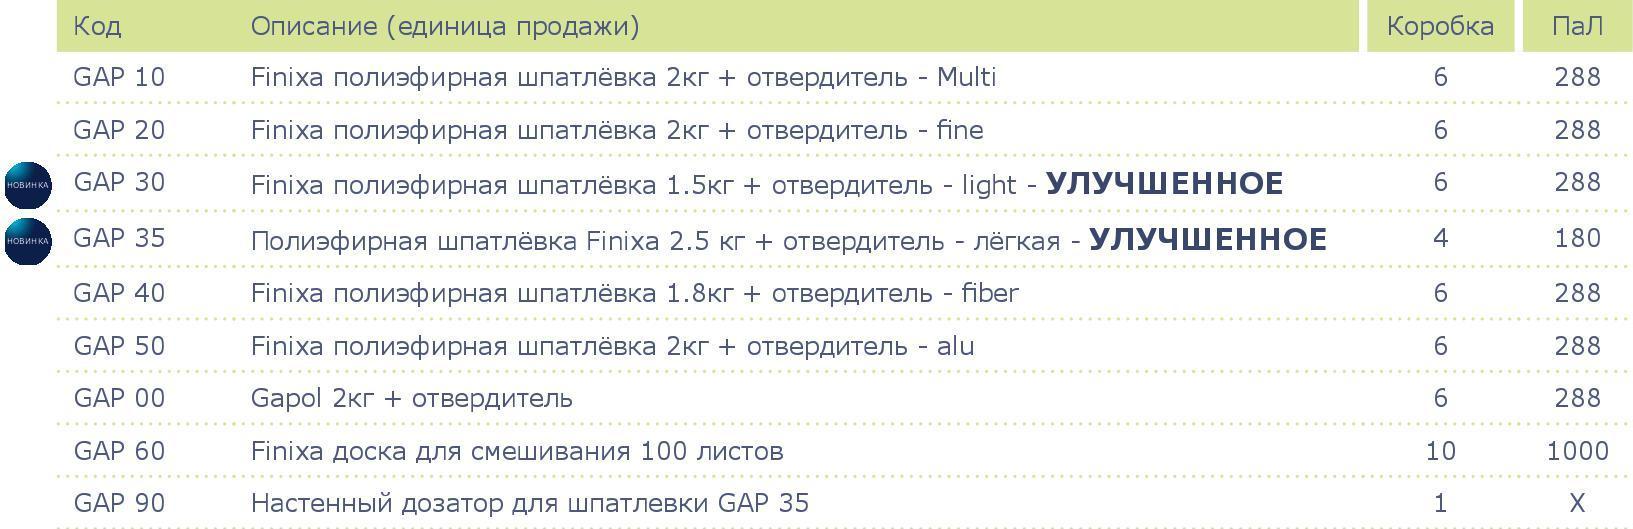 GAP-30-sku